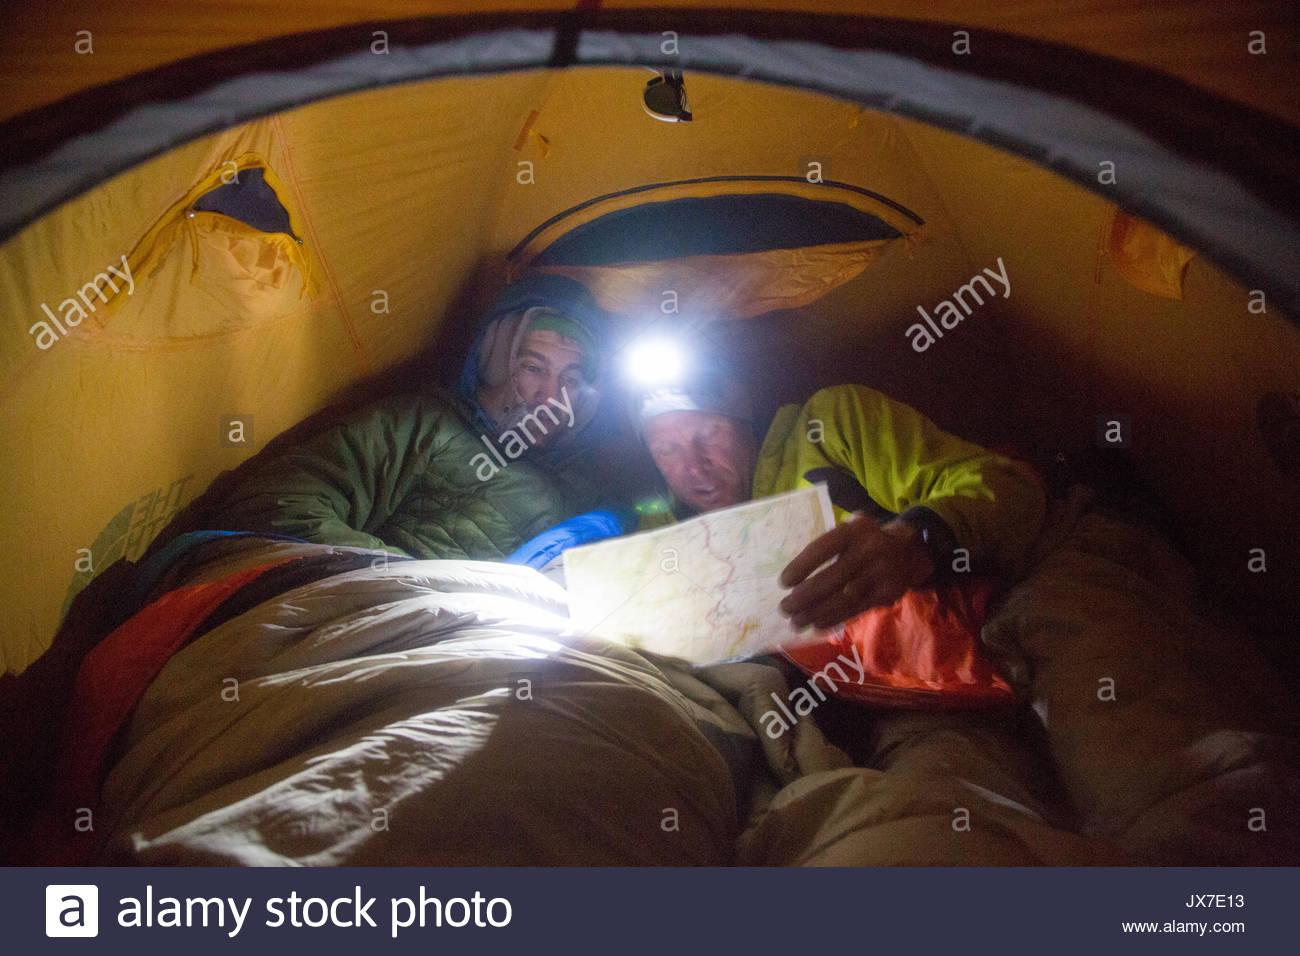 Expedicionarios revisar un mapa de sus planes mientras amontonados dentro de una carpa. Imagen De Stock